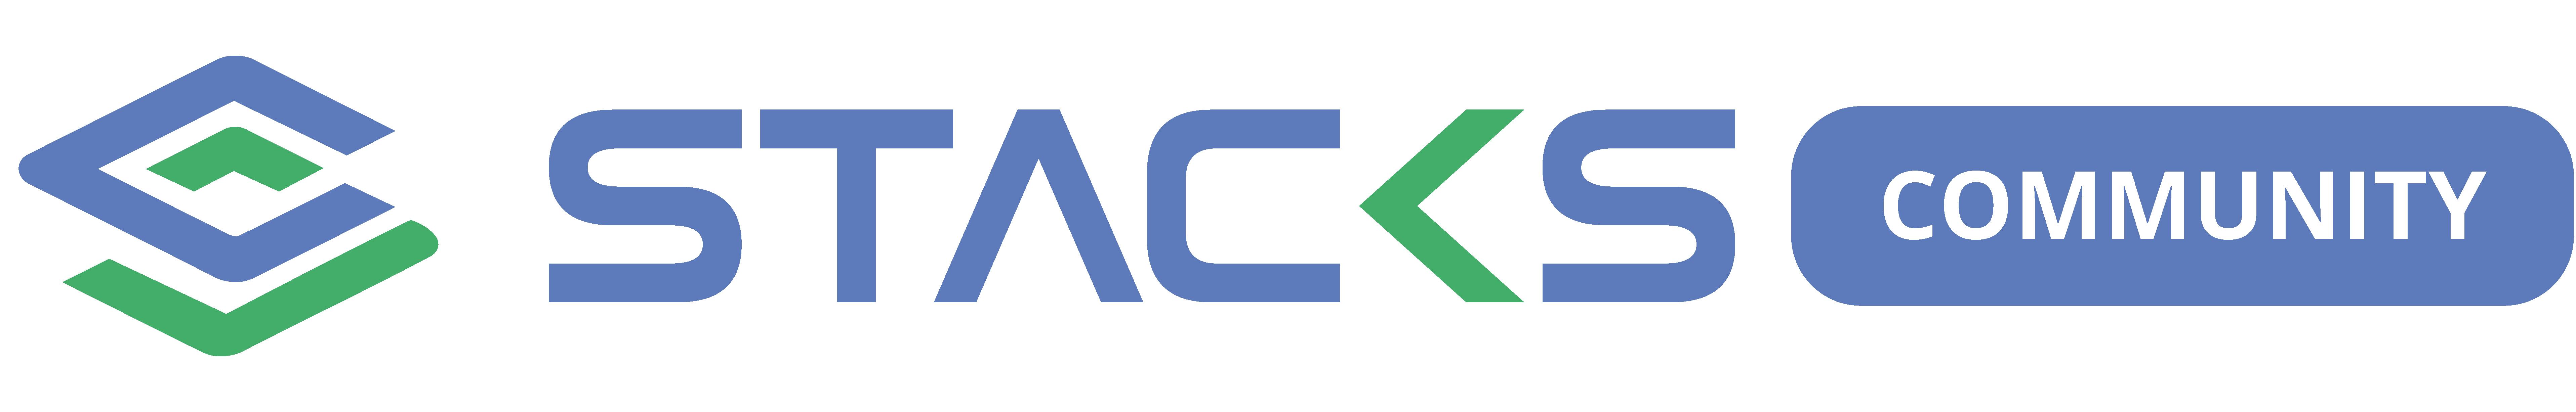 Stacks Community